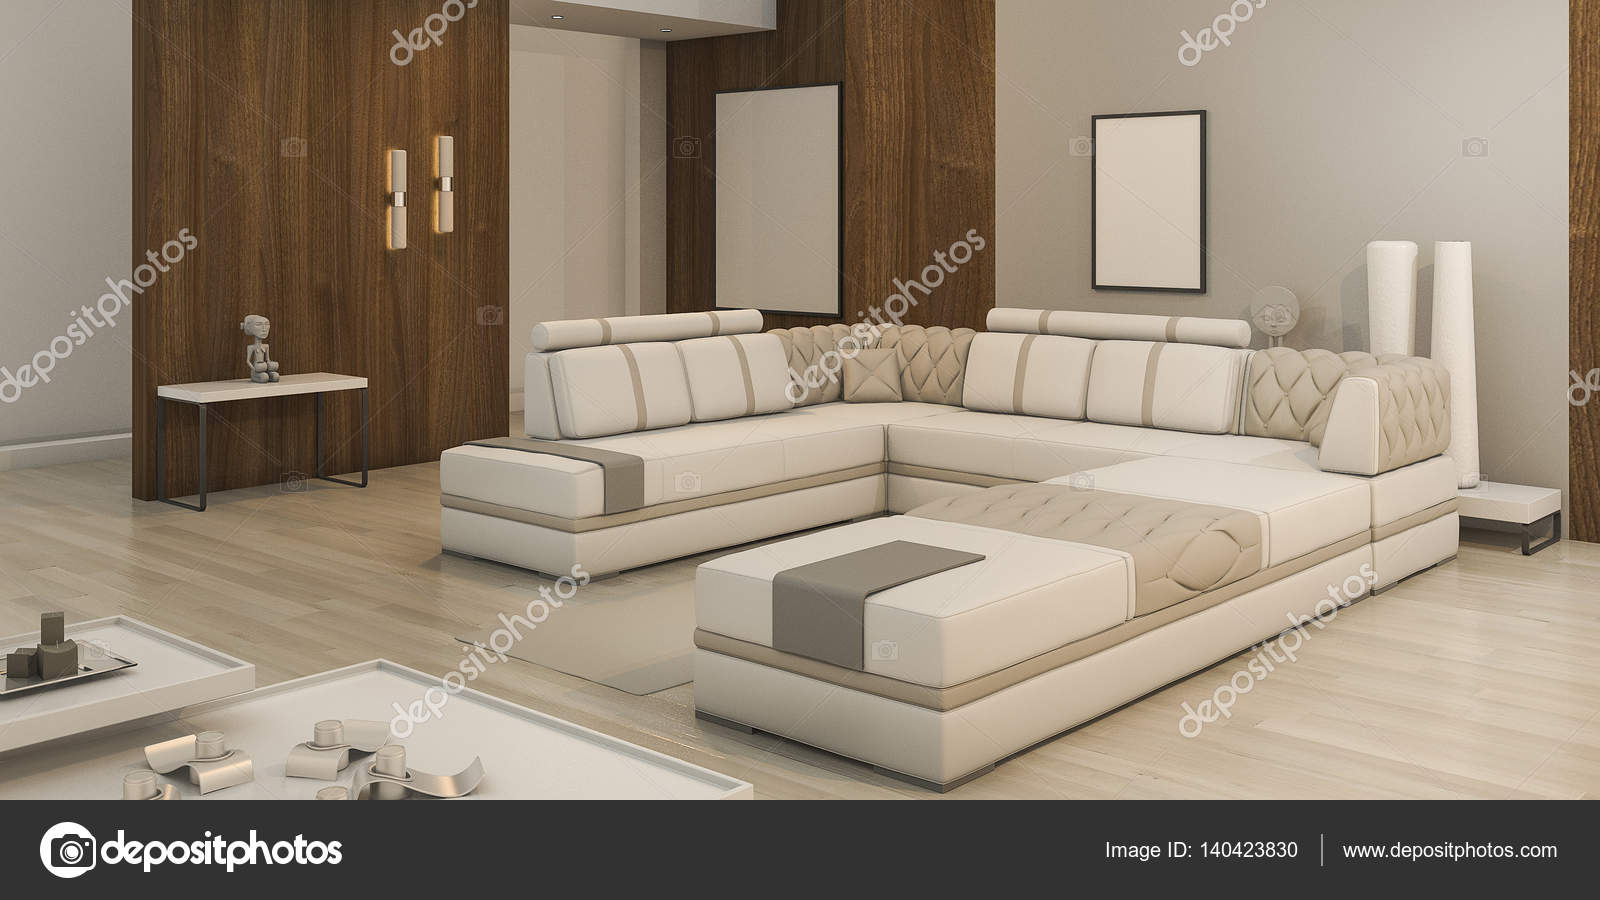 3d rendering holz textur wohnzimmer mit warmem licht und nette atmosphare stockbild